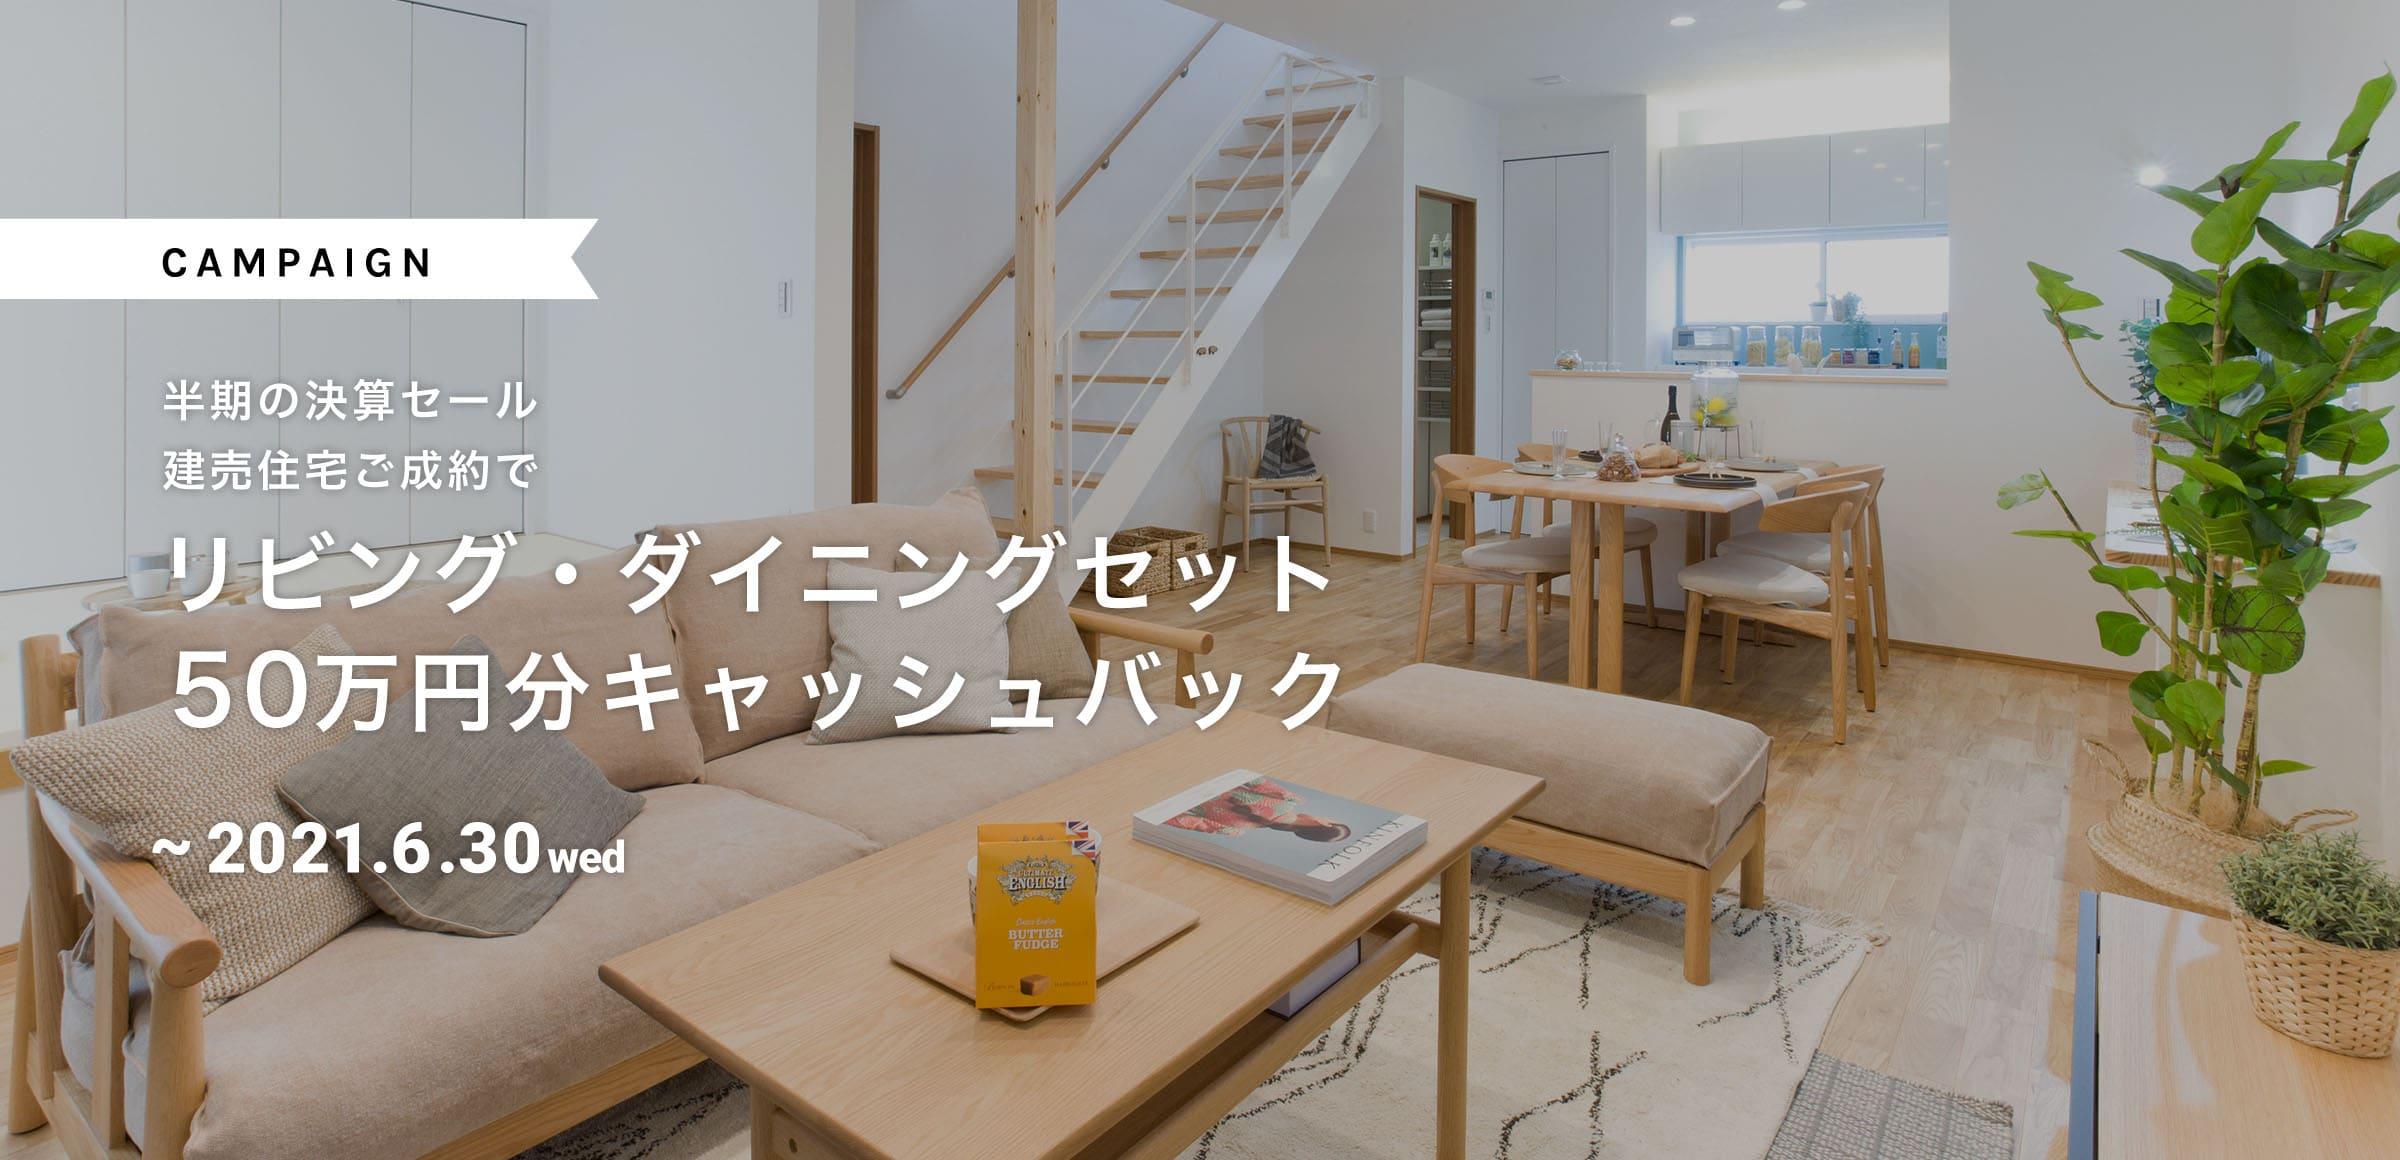 建売住宅ご成約でリビング・ダイニングセット50万円分キャッシュバック~2021.6.30